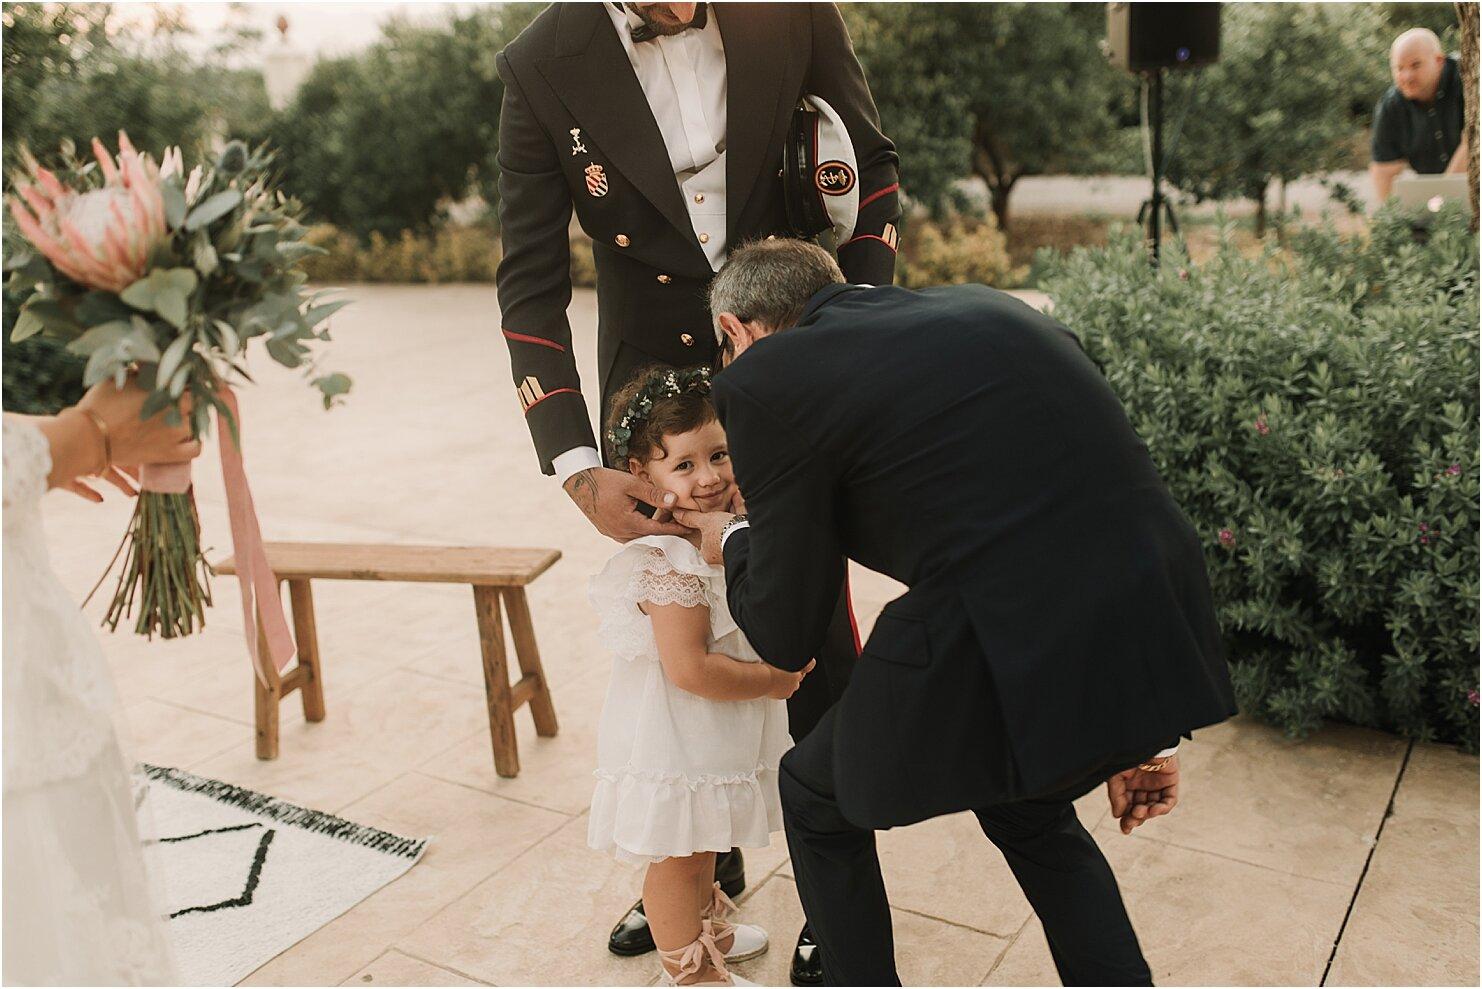 boda-romantica-boda-boho-vestido-de-novia-laura-lomas19.jpg